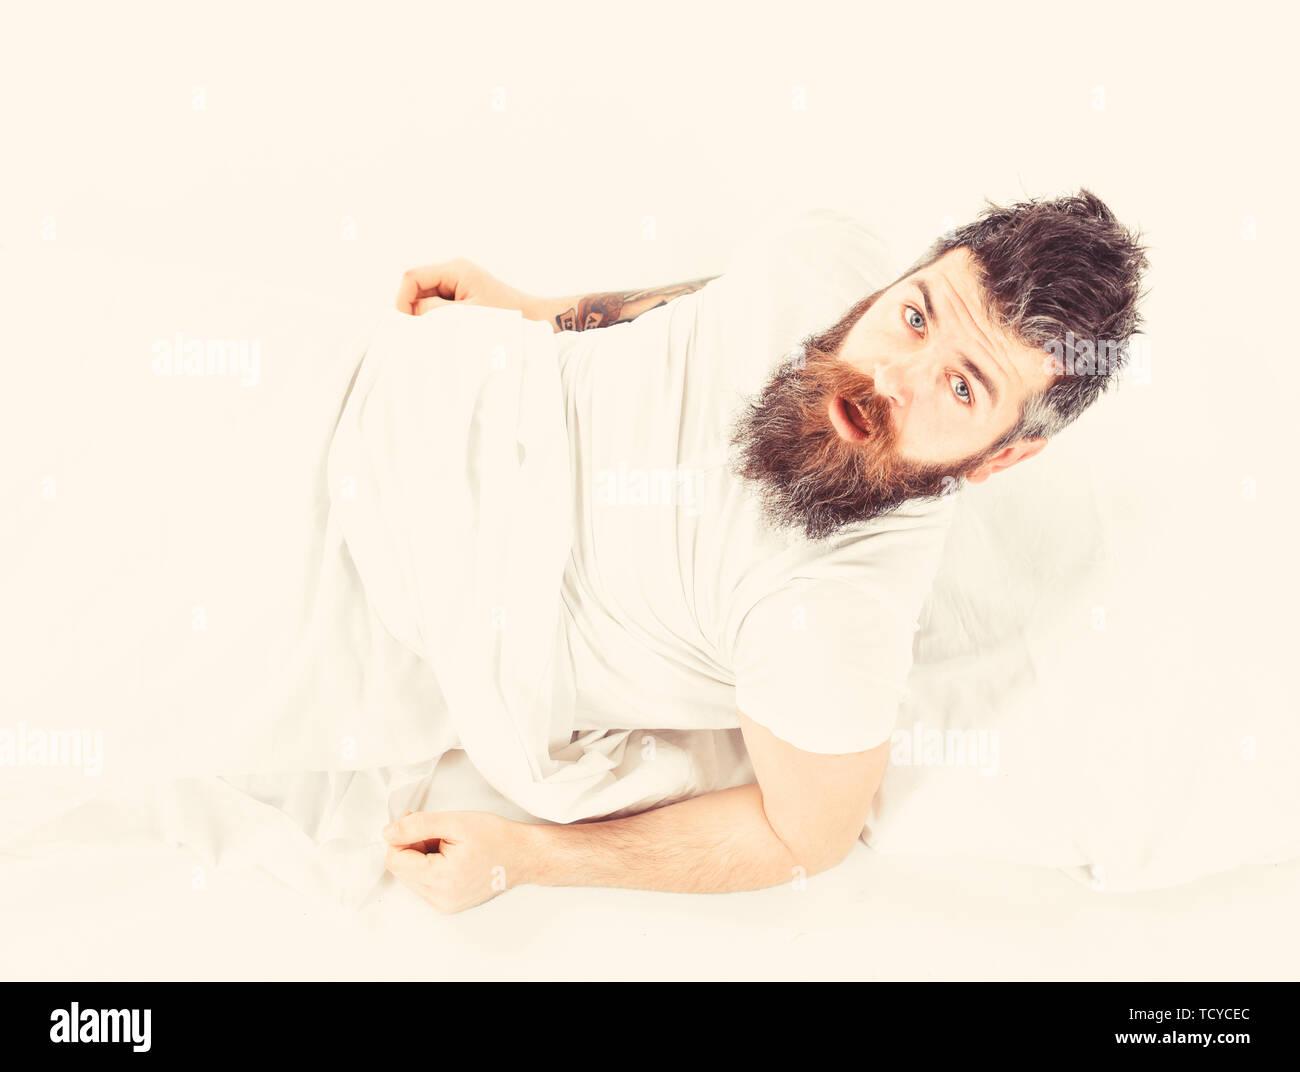 Mattina e wake up concetto. Uomo sulla faccia di sorpresa, mattina, bisogno di alzarsi, sfondo bianco. Uomo con viso assonnato sedersi nel letto, lenzuola bianche, vista dall'alto. Hipster con la barba e baffi risveglio. Immagini Stock